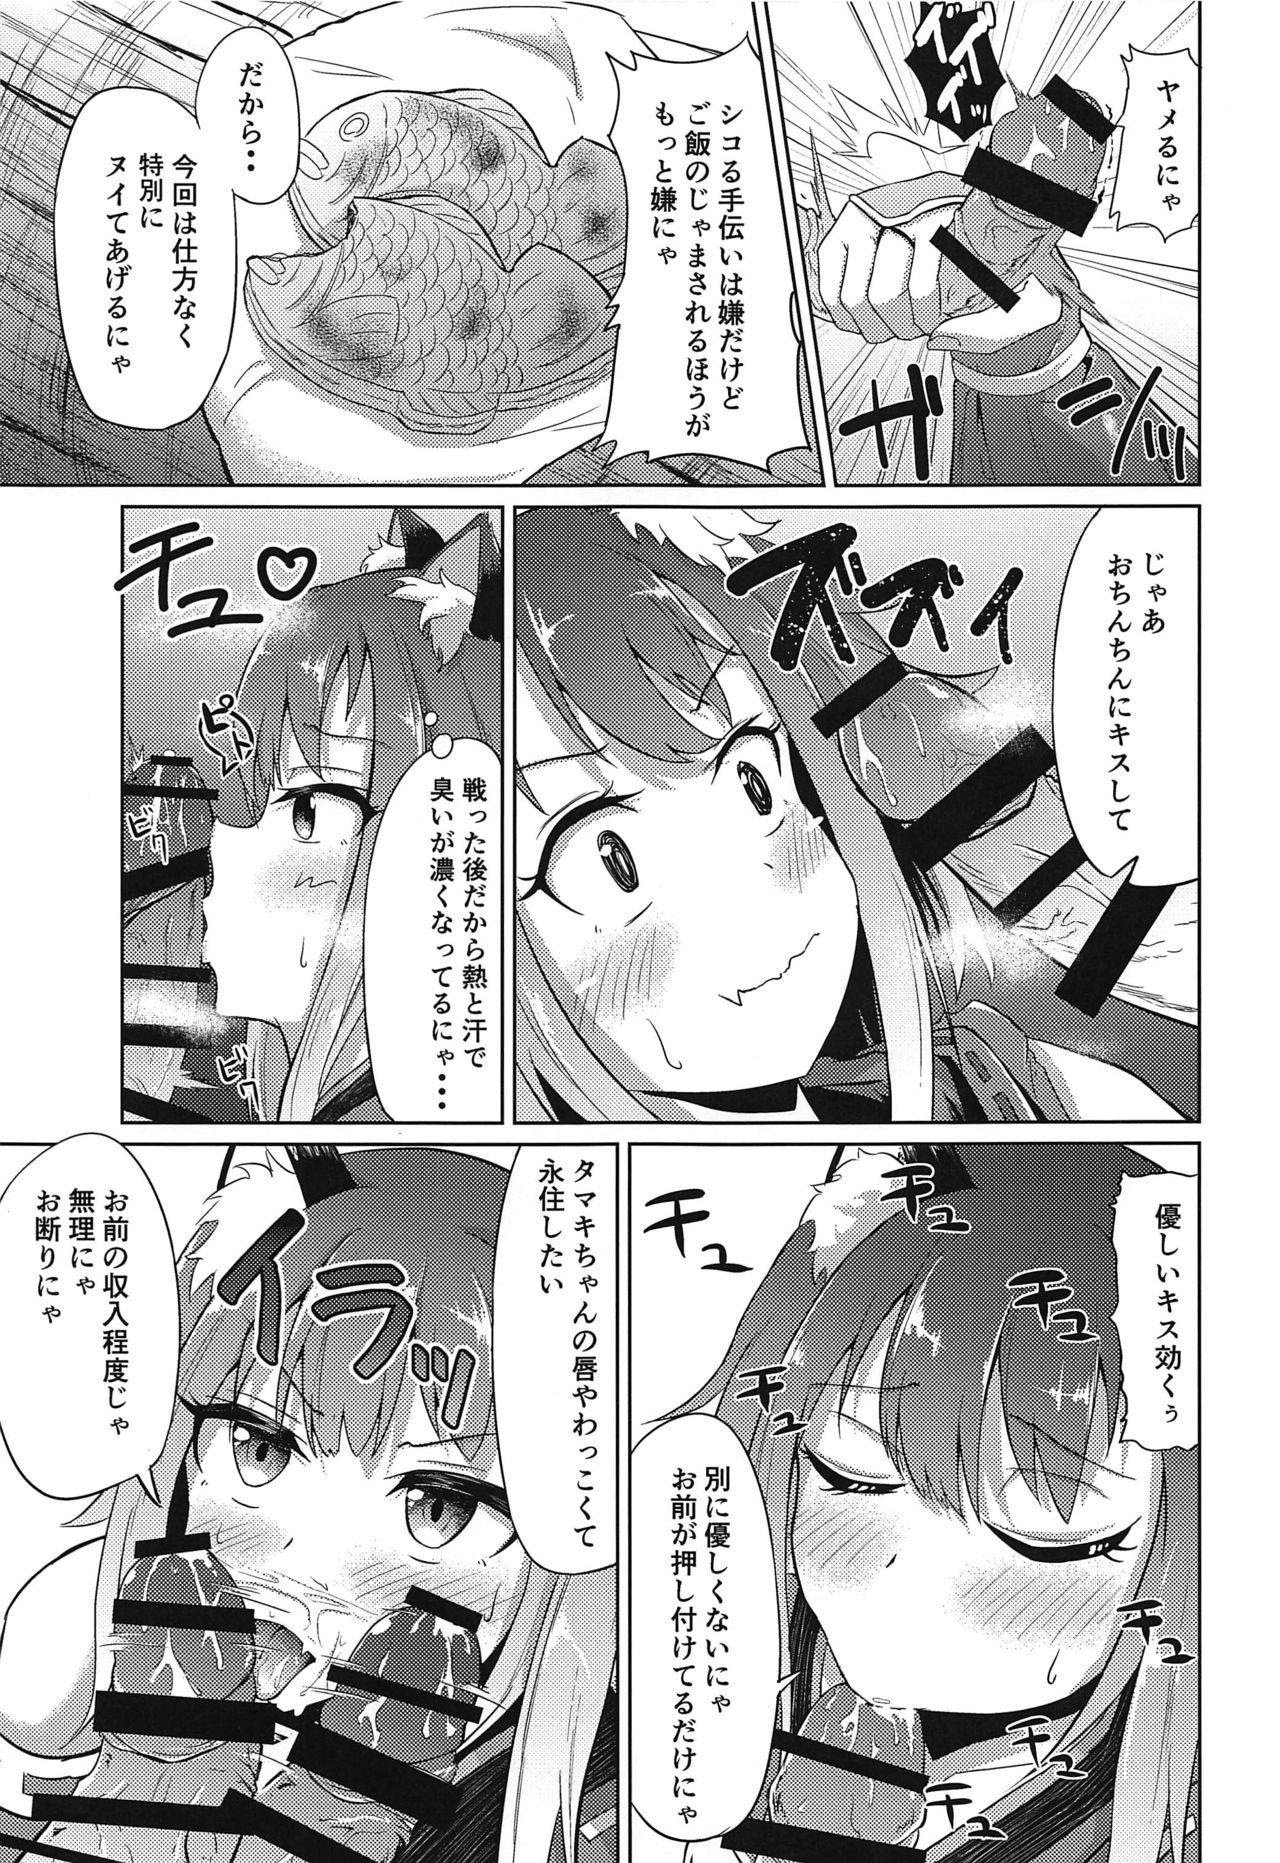 Guild no Tsugoujou Shikatanaku Mercurius Zaidan ga Ochinchin no Osewa o Shite Kureru Hon 9